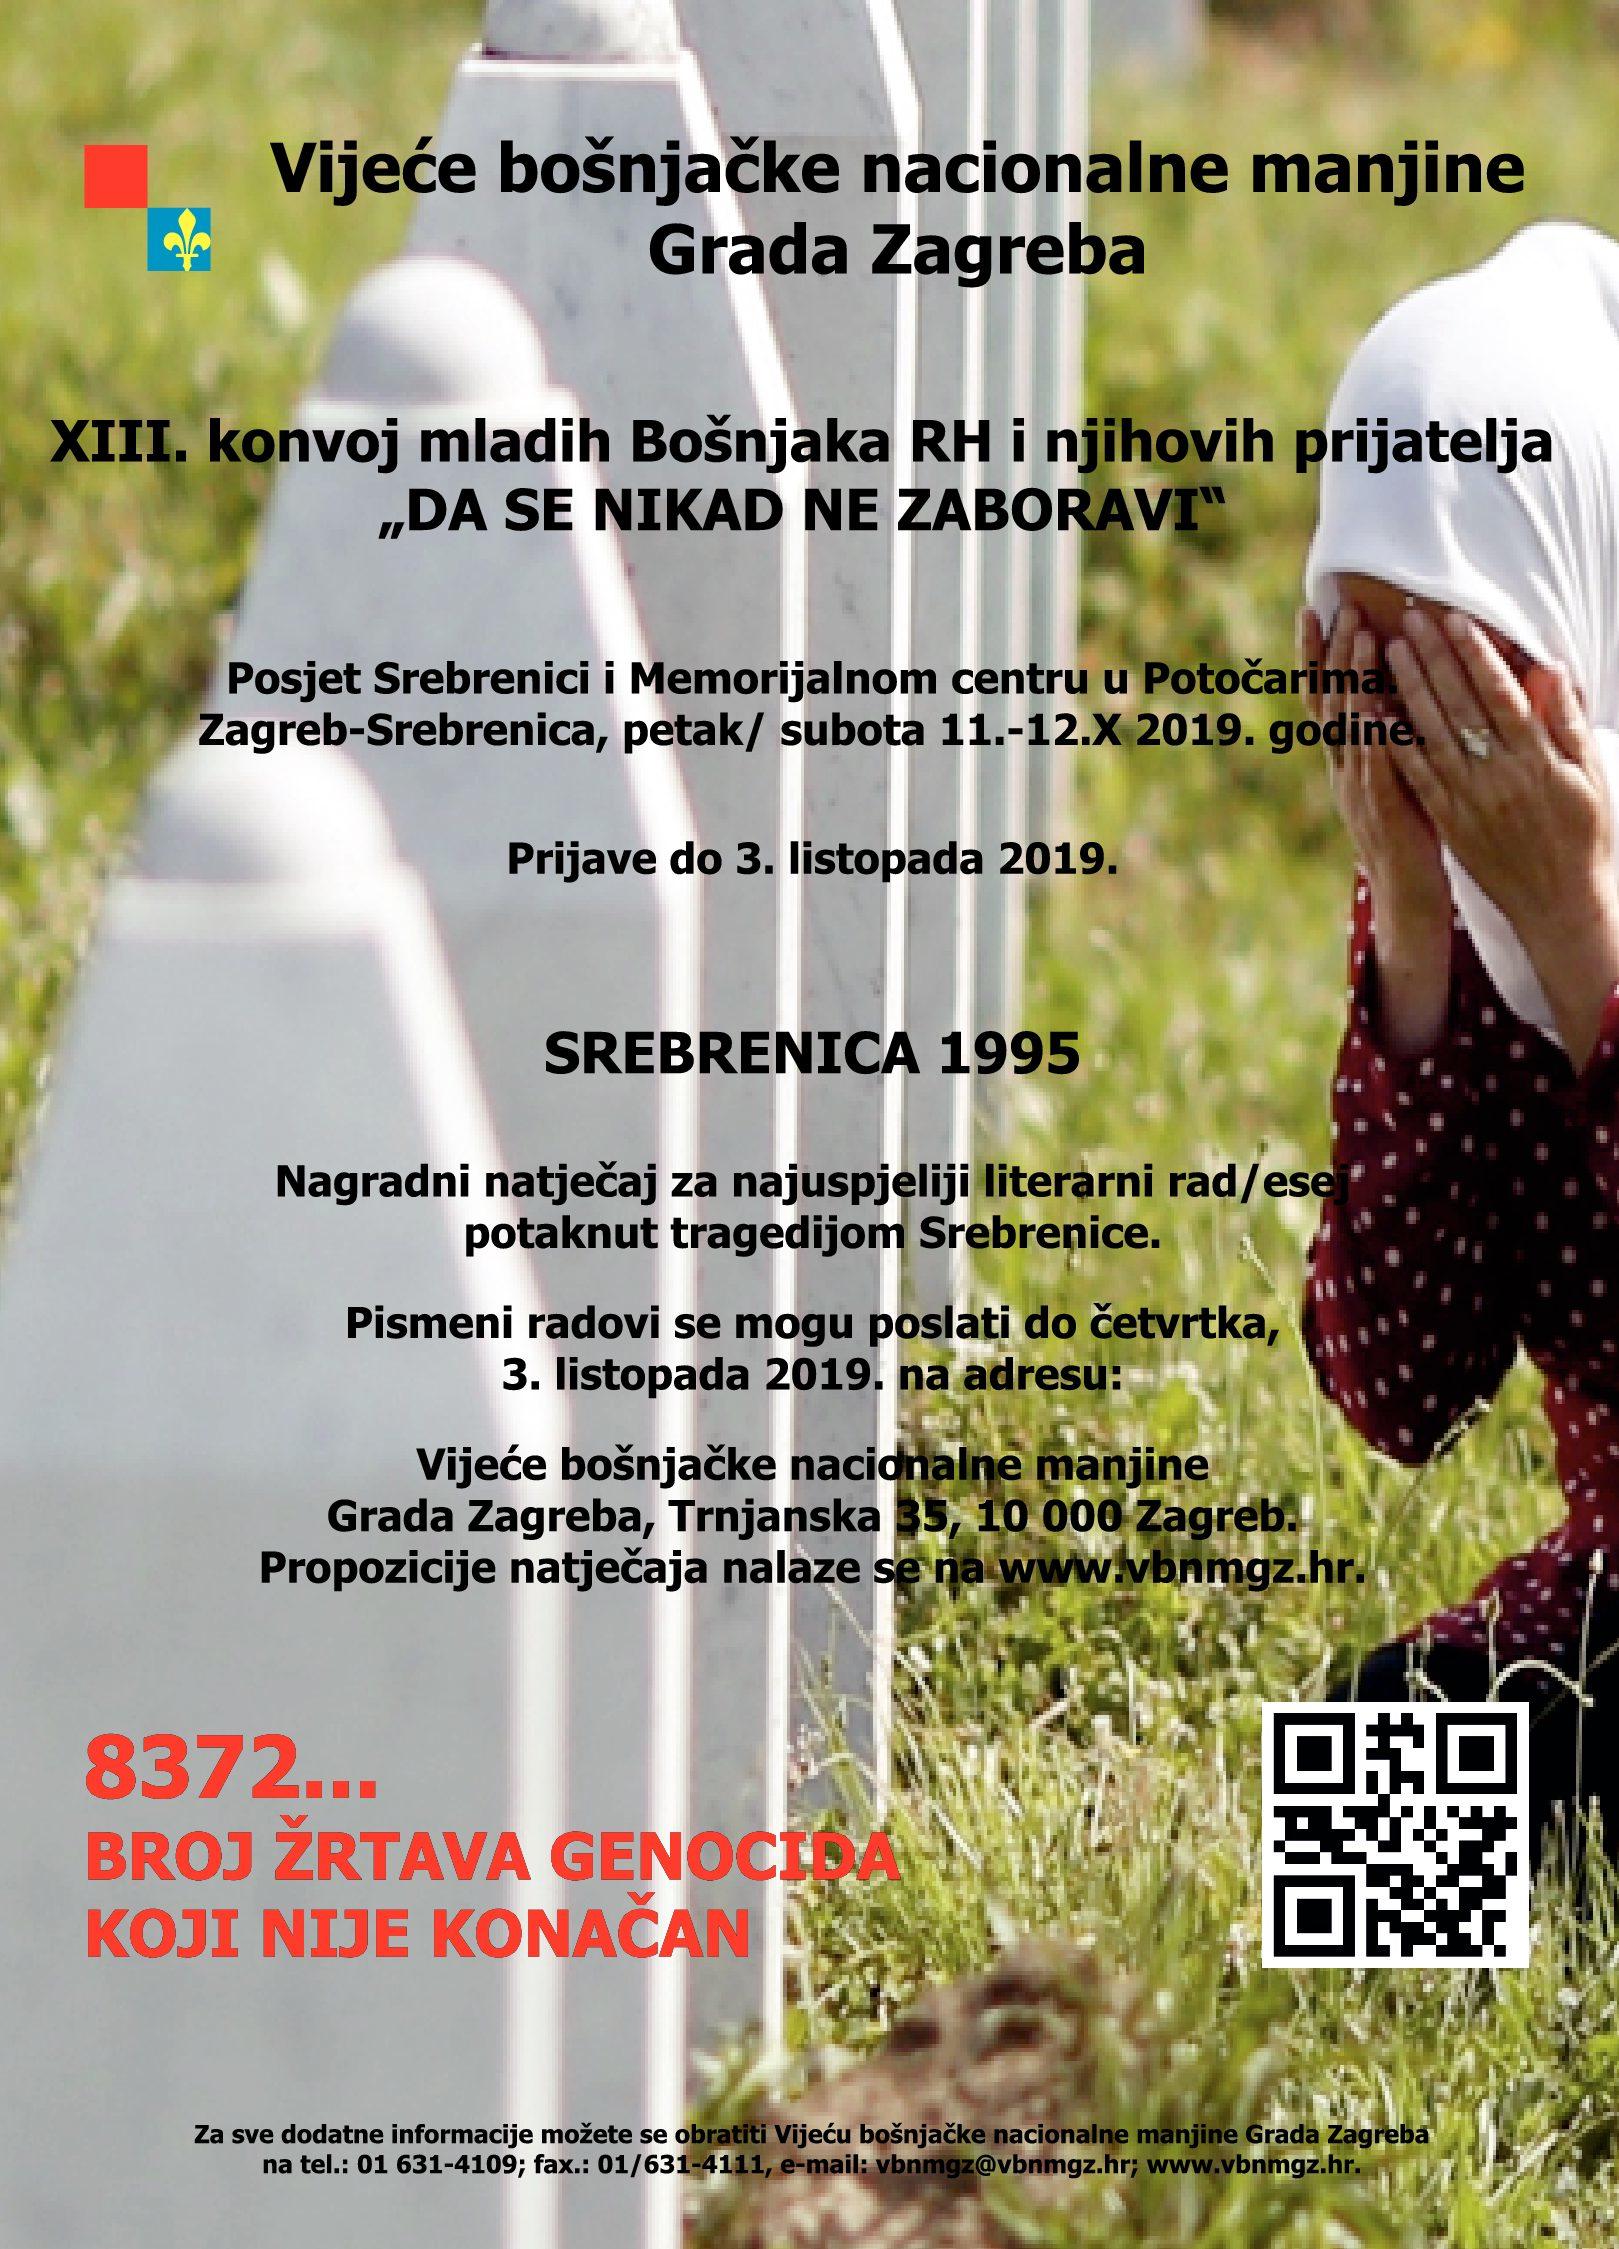 """XIII. konvoj mladih Bošnjaka RH i njihovih prijatelja """"DA SE NIKAD NE ZABORAVI"""""""